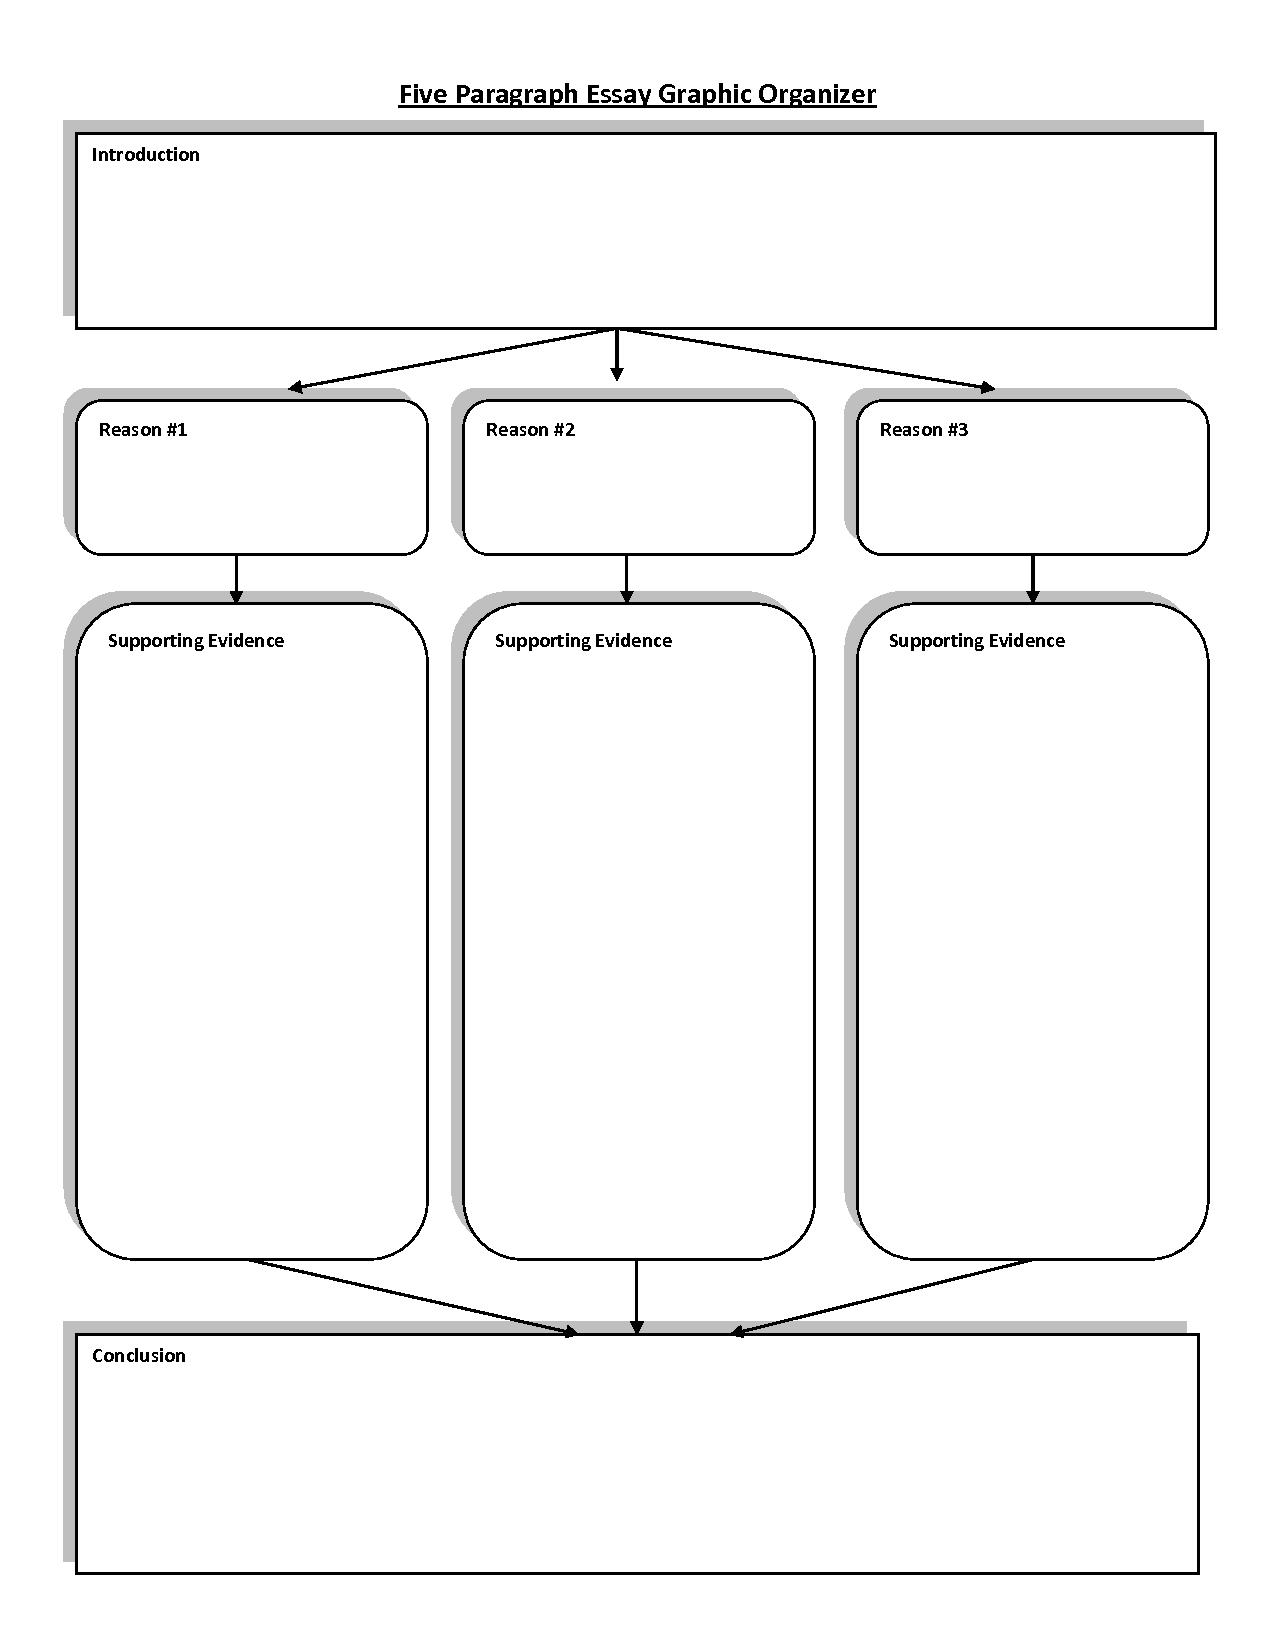 017 Para Organizer Essay Example Exceptional 3 Paragraph Persuasive Graphic Argumentative Examples Full